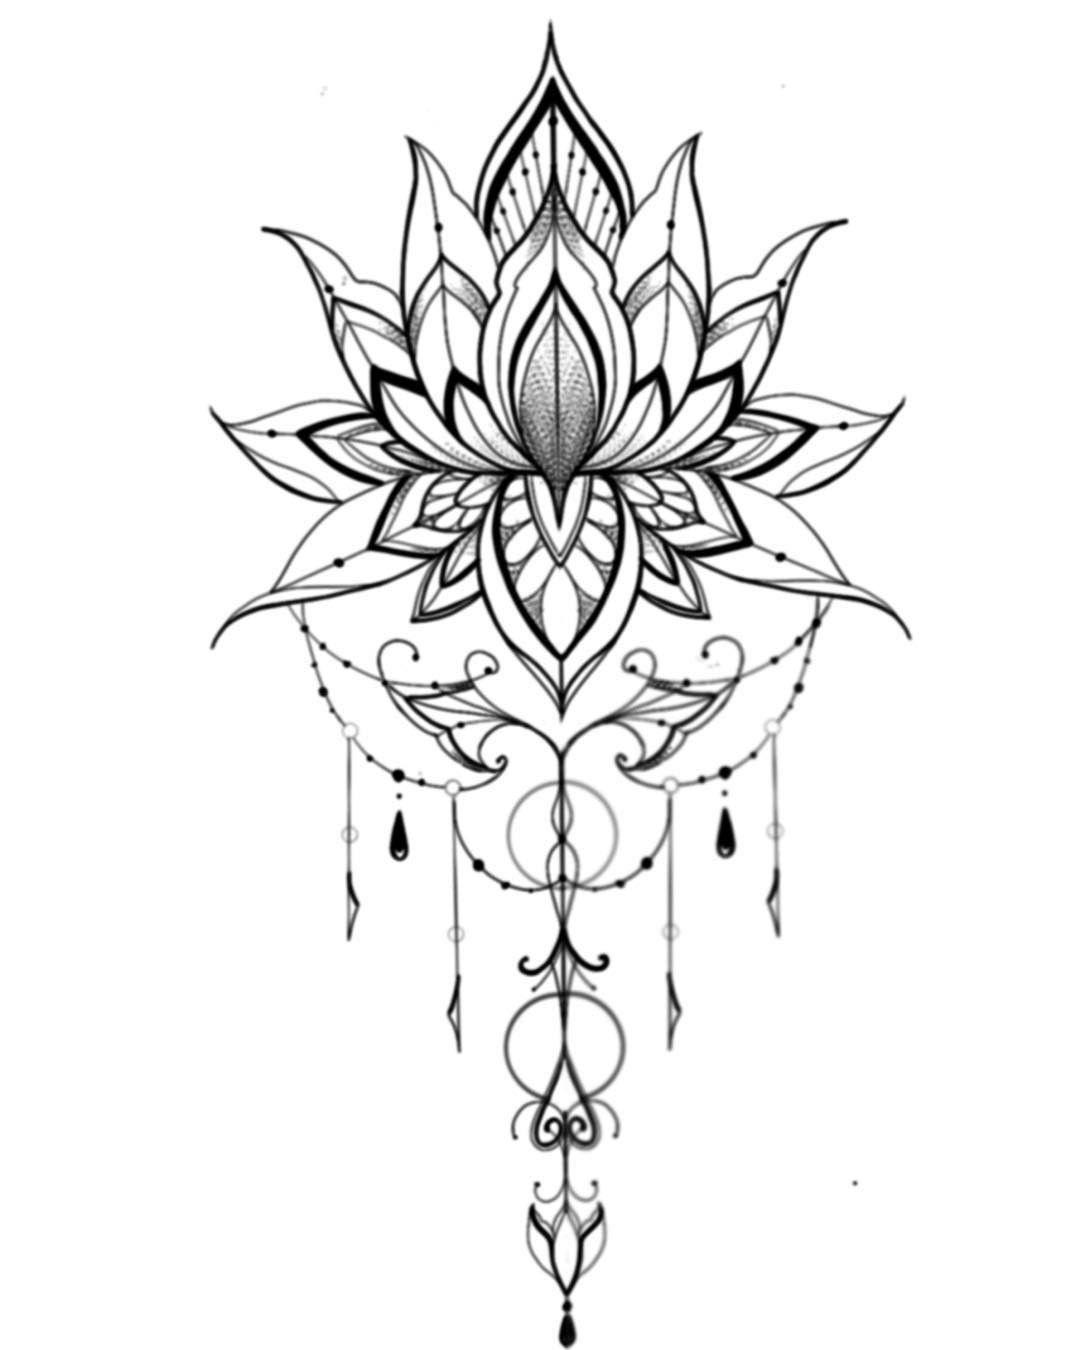 Her Crochet Her Crochet Her Crochet Flowersdesignbackground Flowersdesignideas Flo In 2020 Lotus Tattoo Design Mandala Tattoo Design Simple Mandala Tattoo